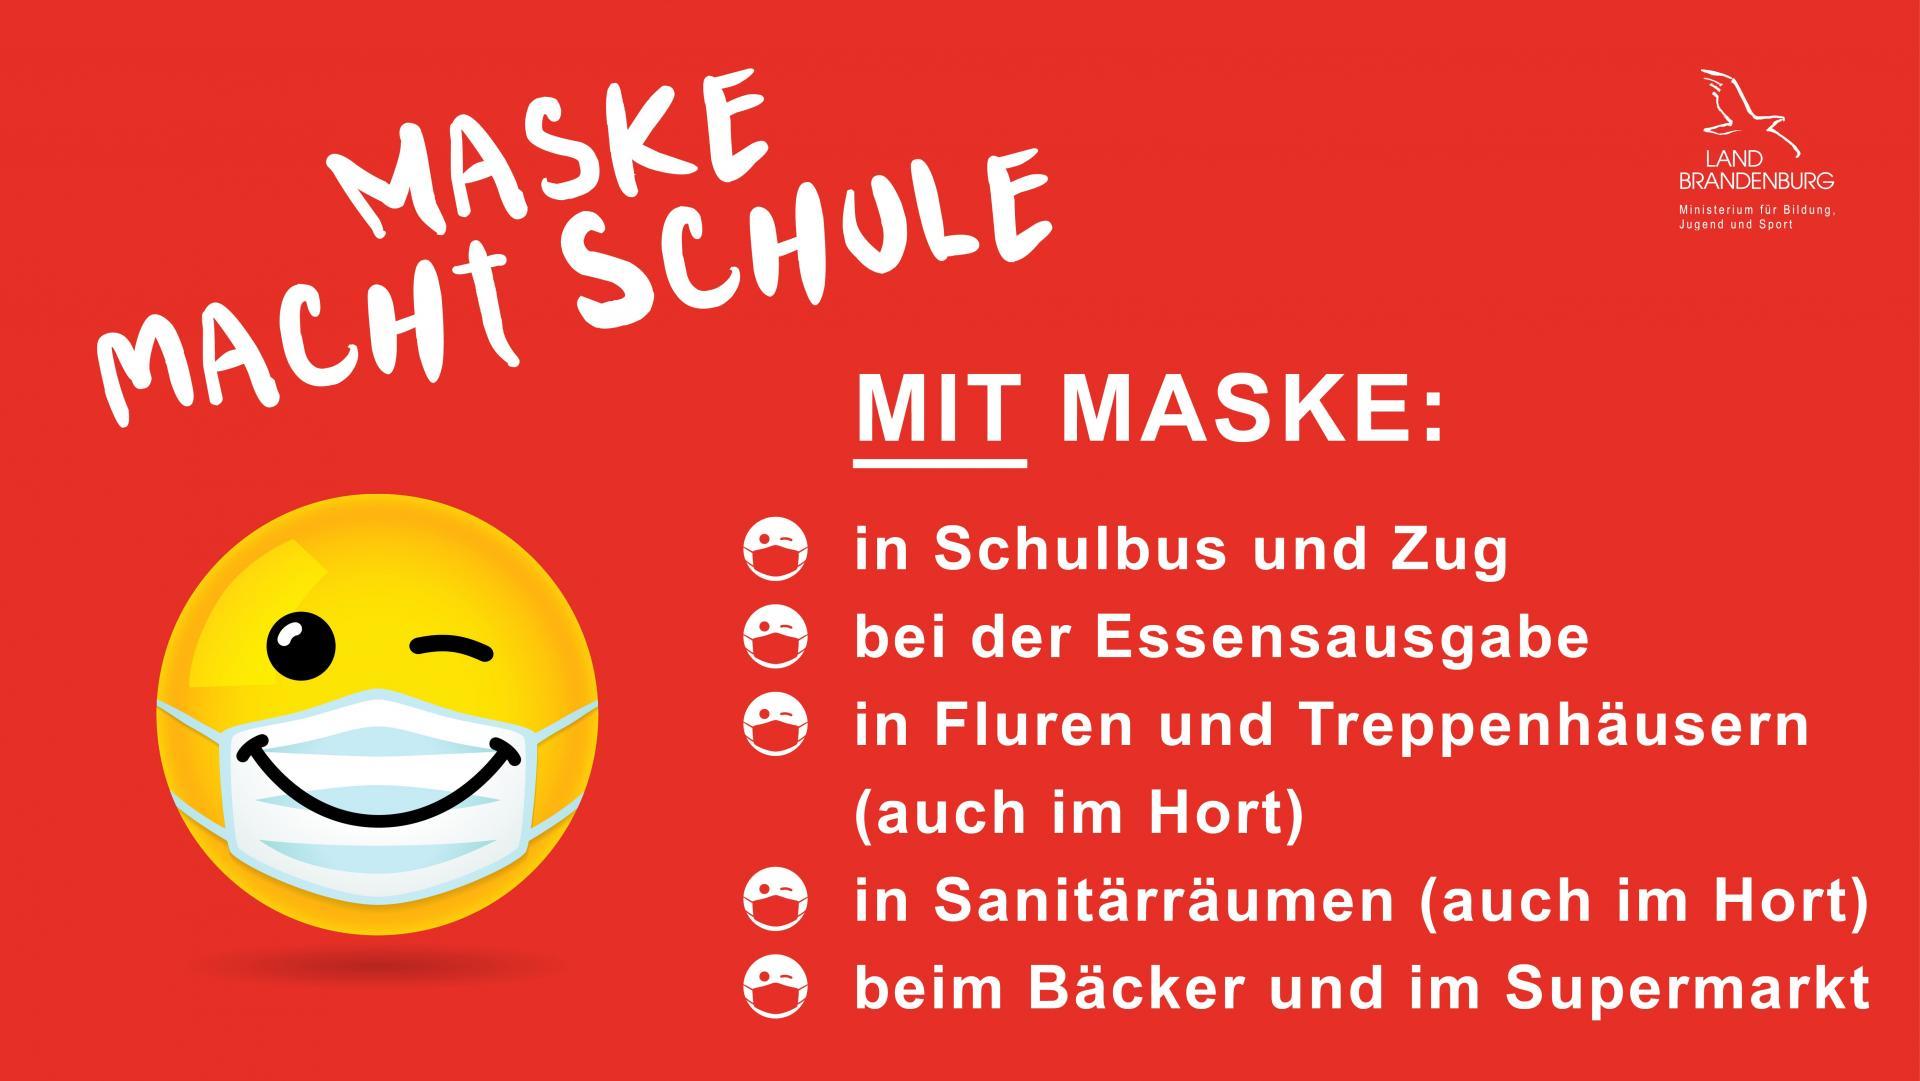 Maske macht Schule